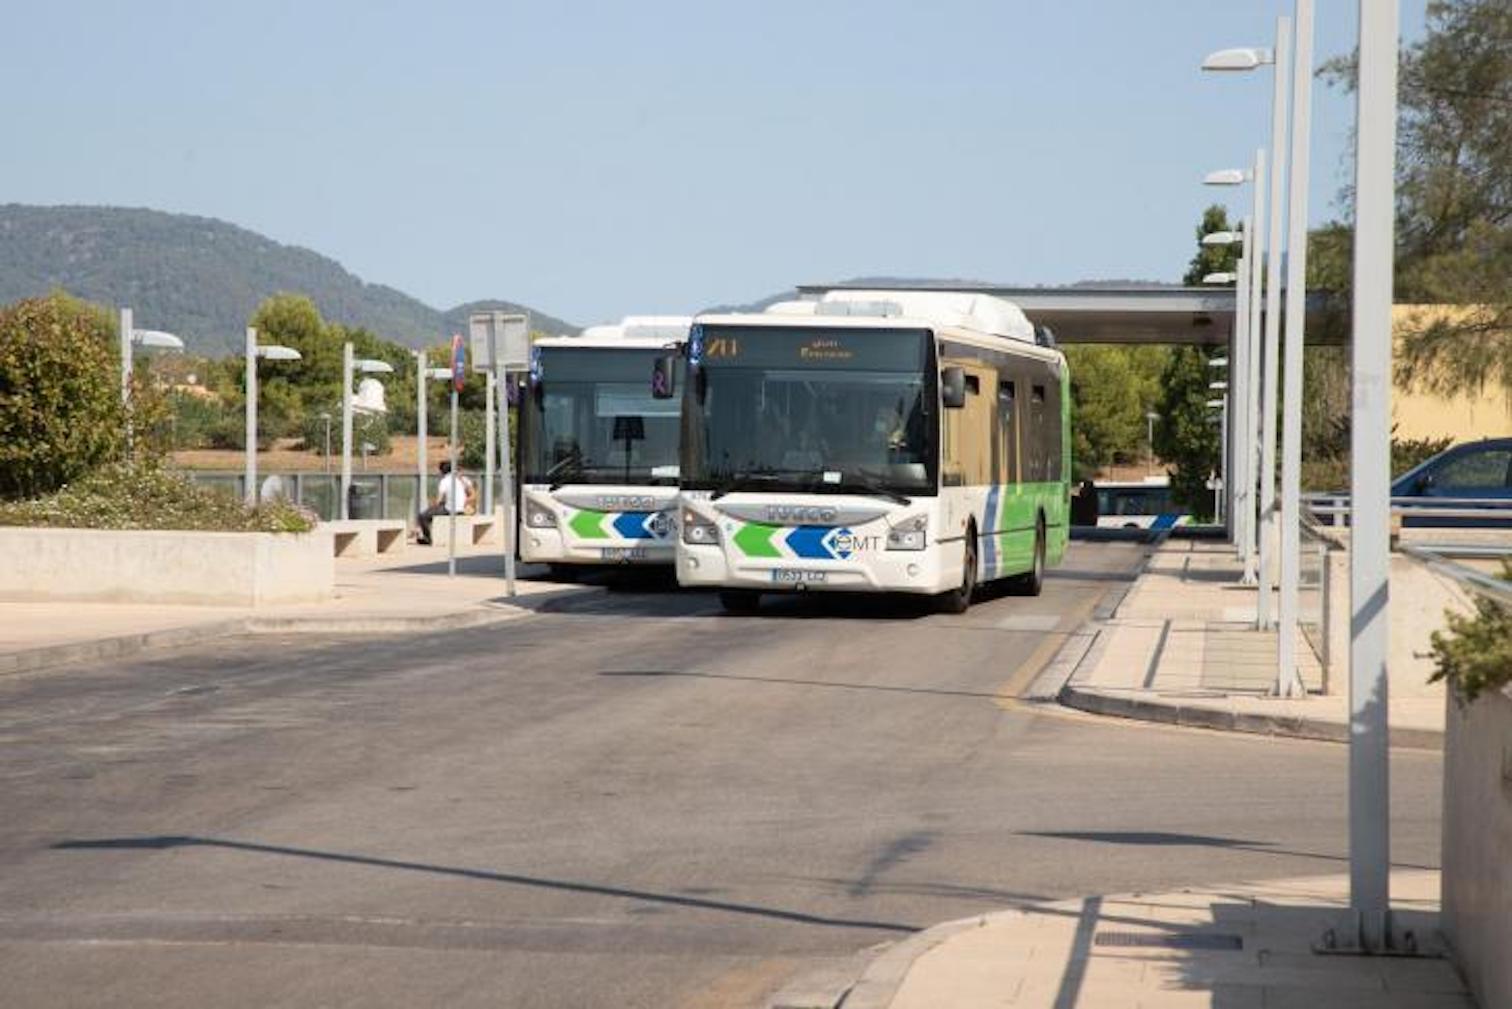 EMT bus, Palma.